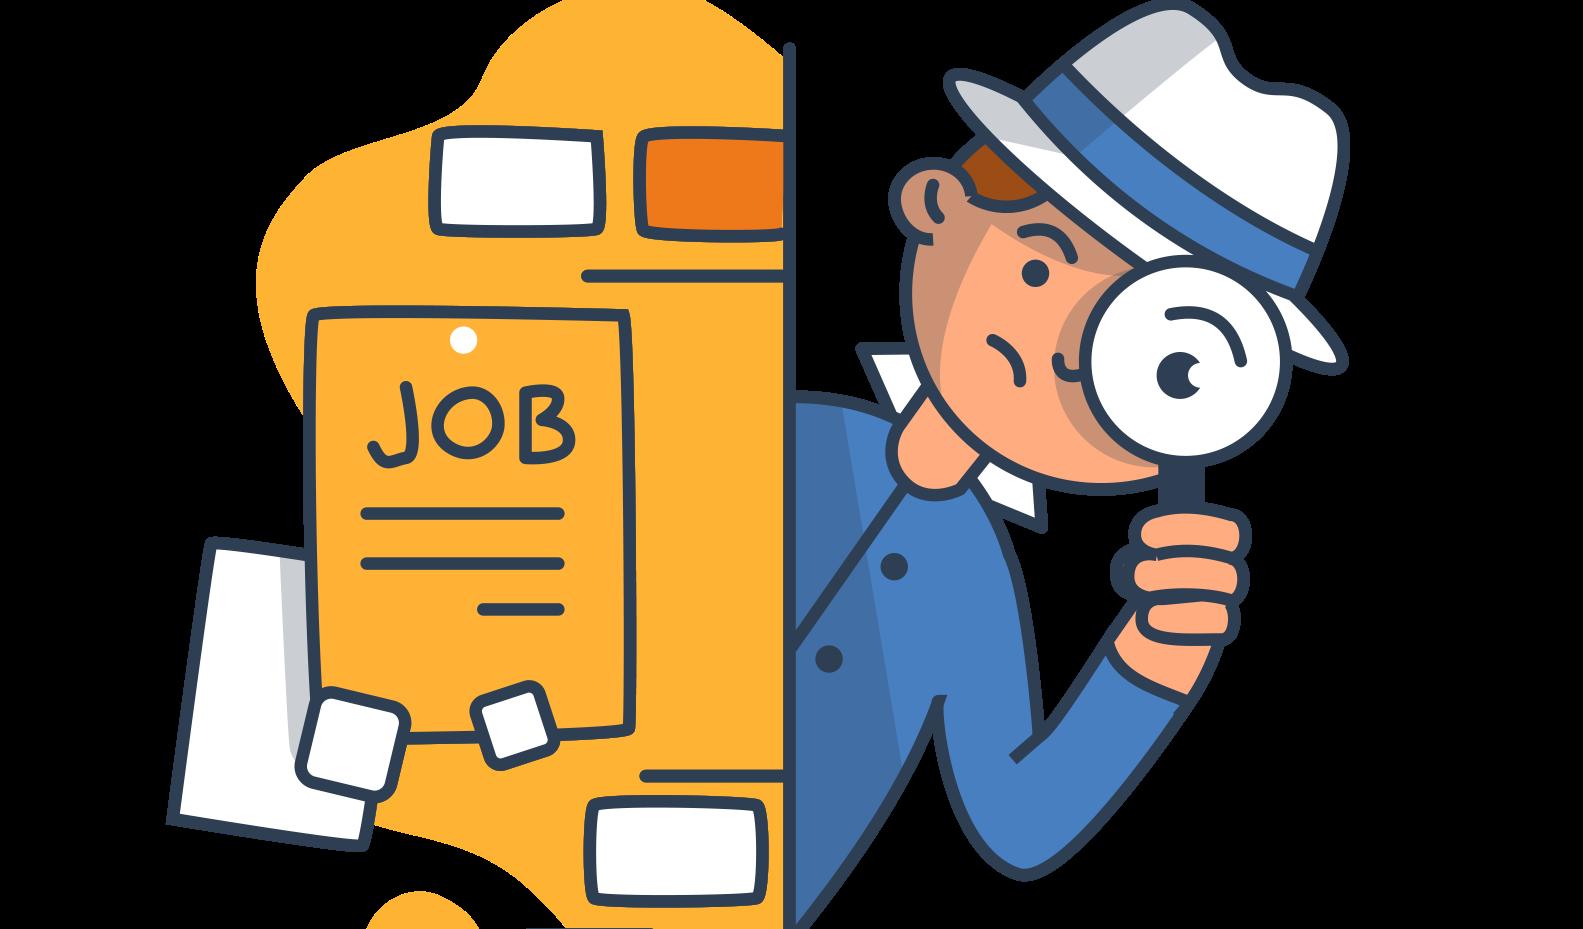 Jobs clipart job applicant, Jobs job applicant Transparent.